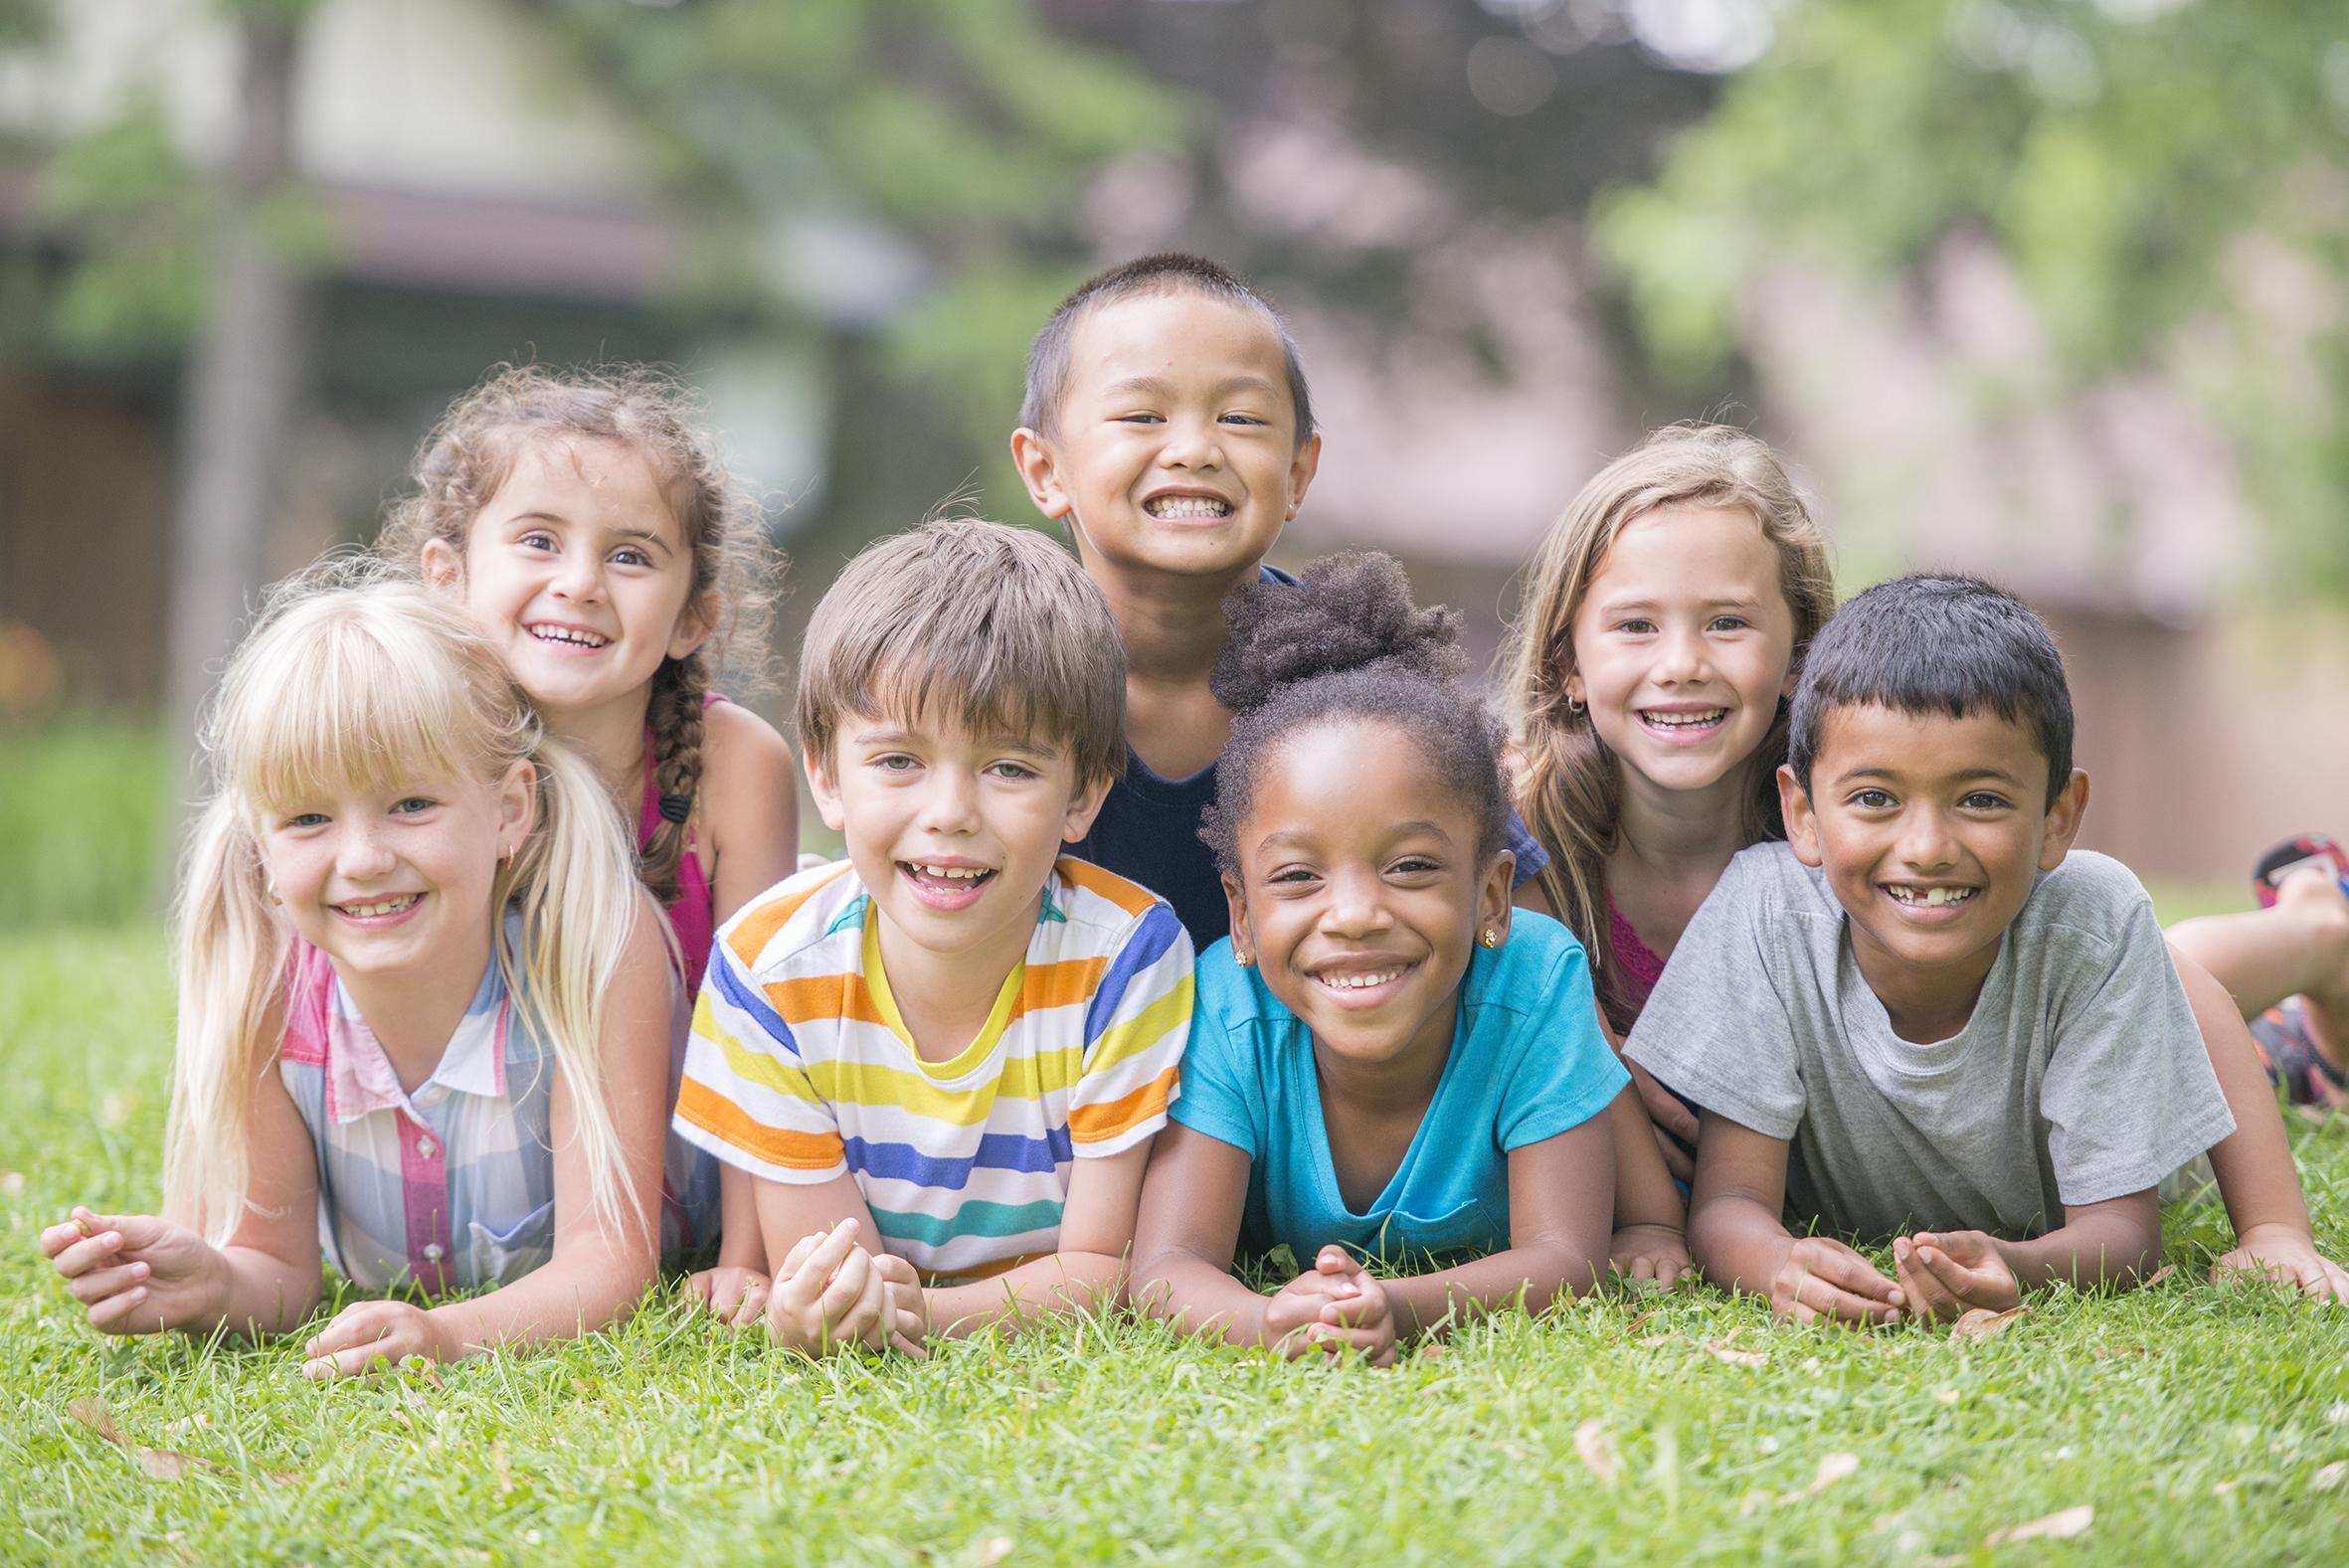 Kindern helfen durch gute Umgangsregelungen